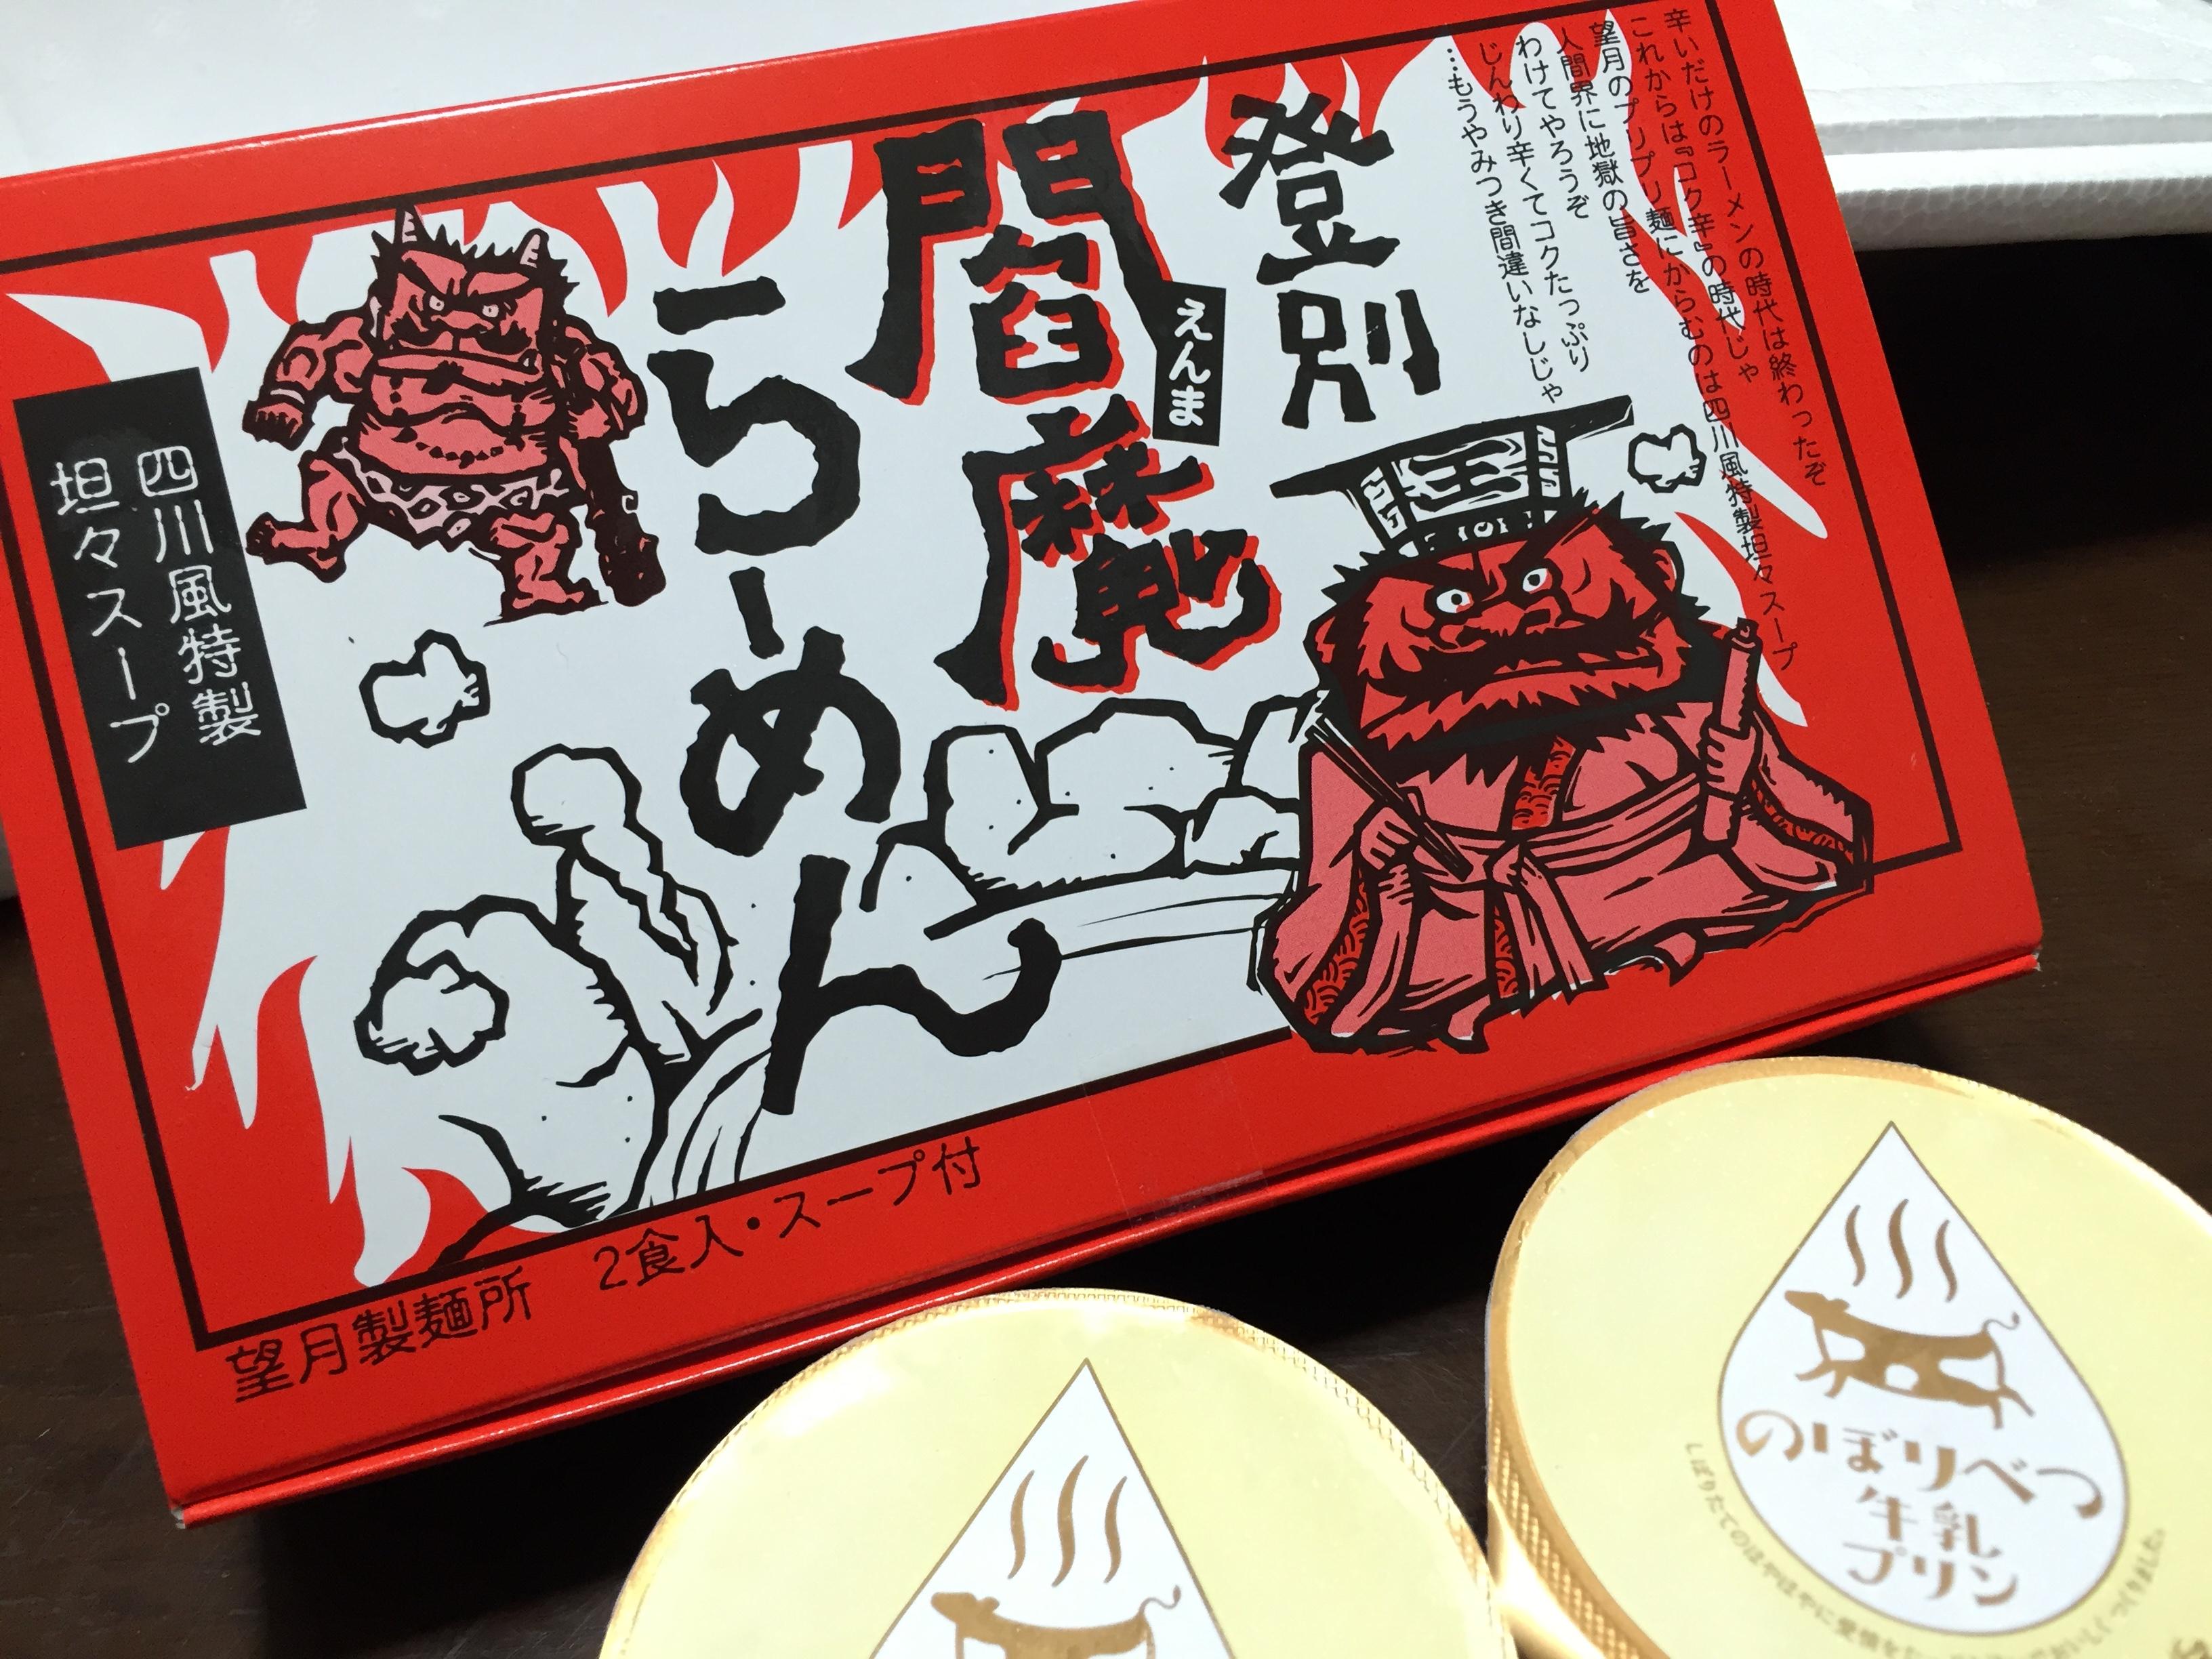 【ふるさと納税】北海道登別市から登別閻魔ラーメン&のぼりべつ牛乳プリンが届きました